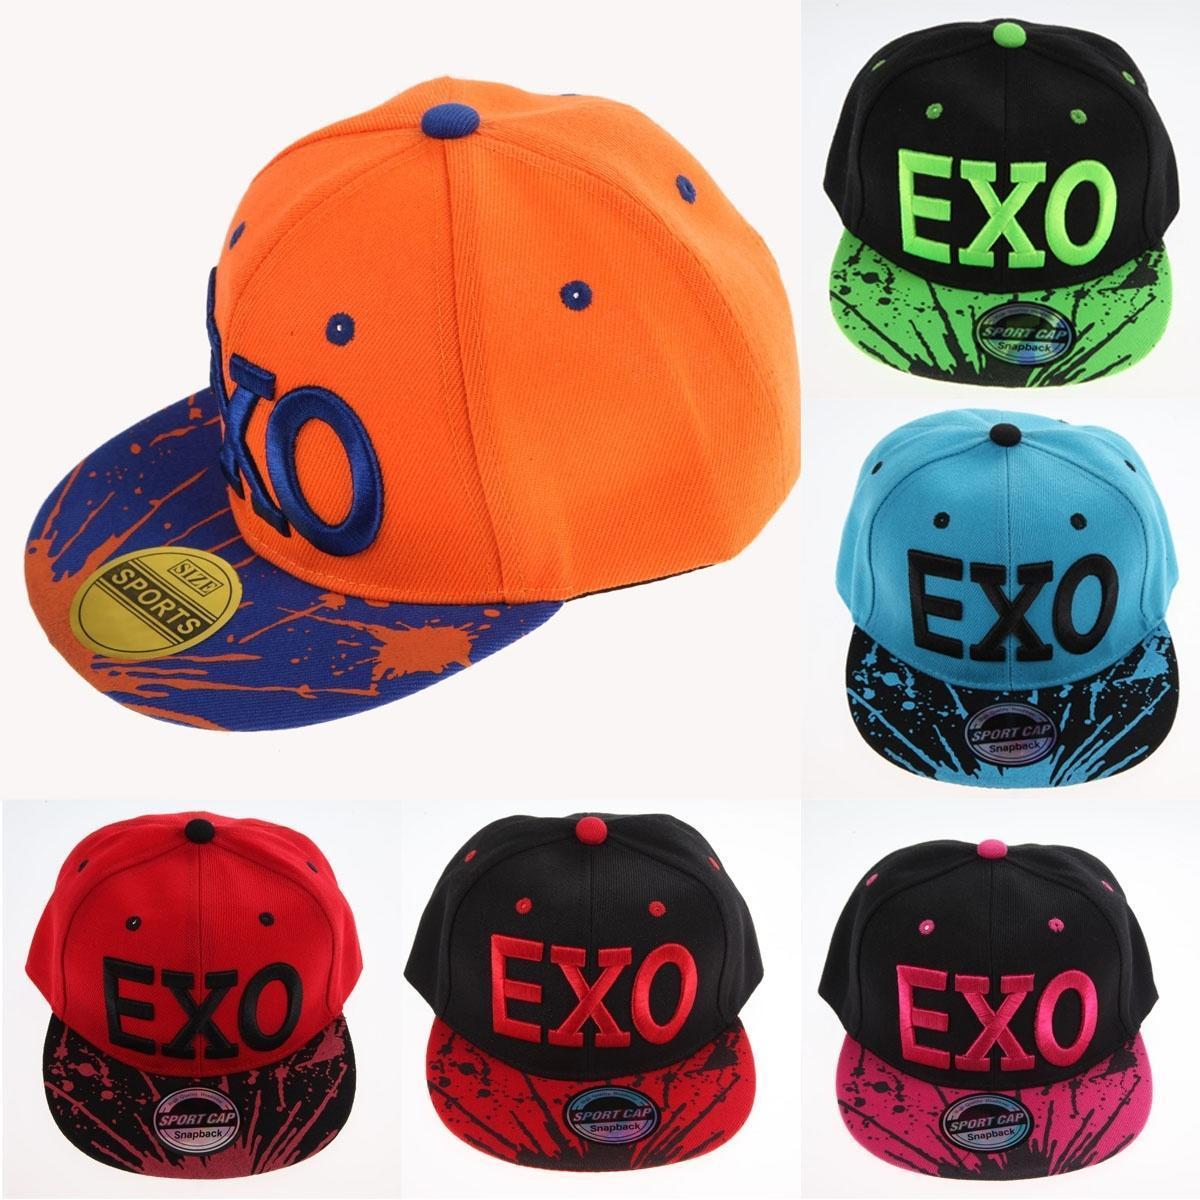 韩版儿童平沿帽EXO棒球帽 户外休闲拼接鸭舌帽